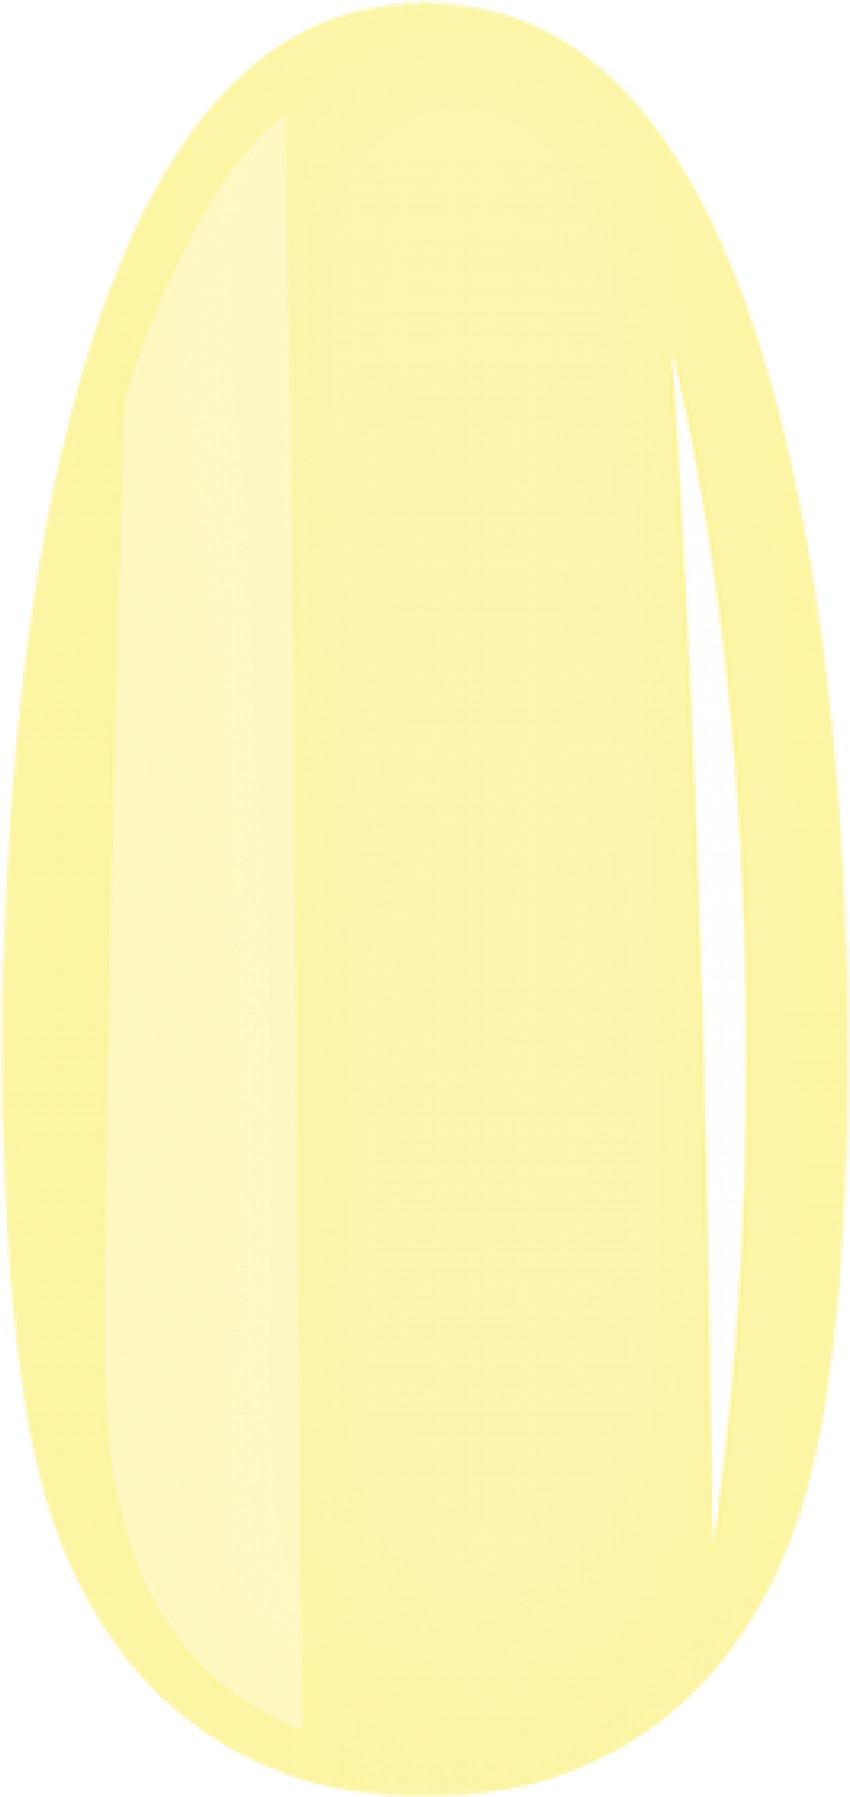 DUOGEL DUOGEL 106 Summer Yellow - lakier hybrydowy 6ml 10175-uniw